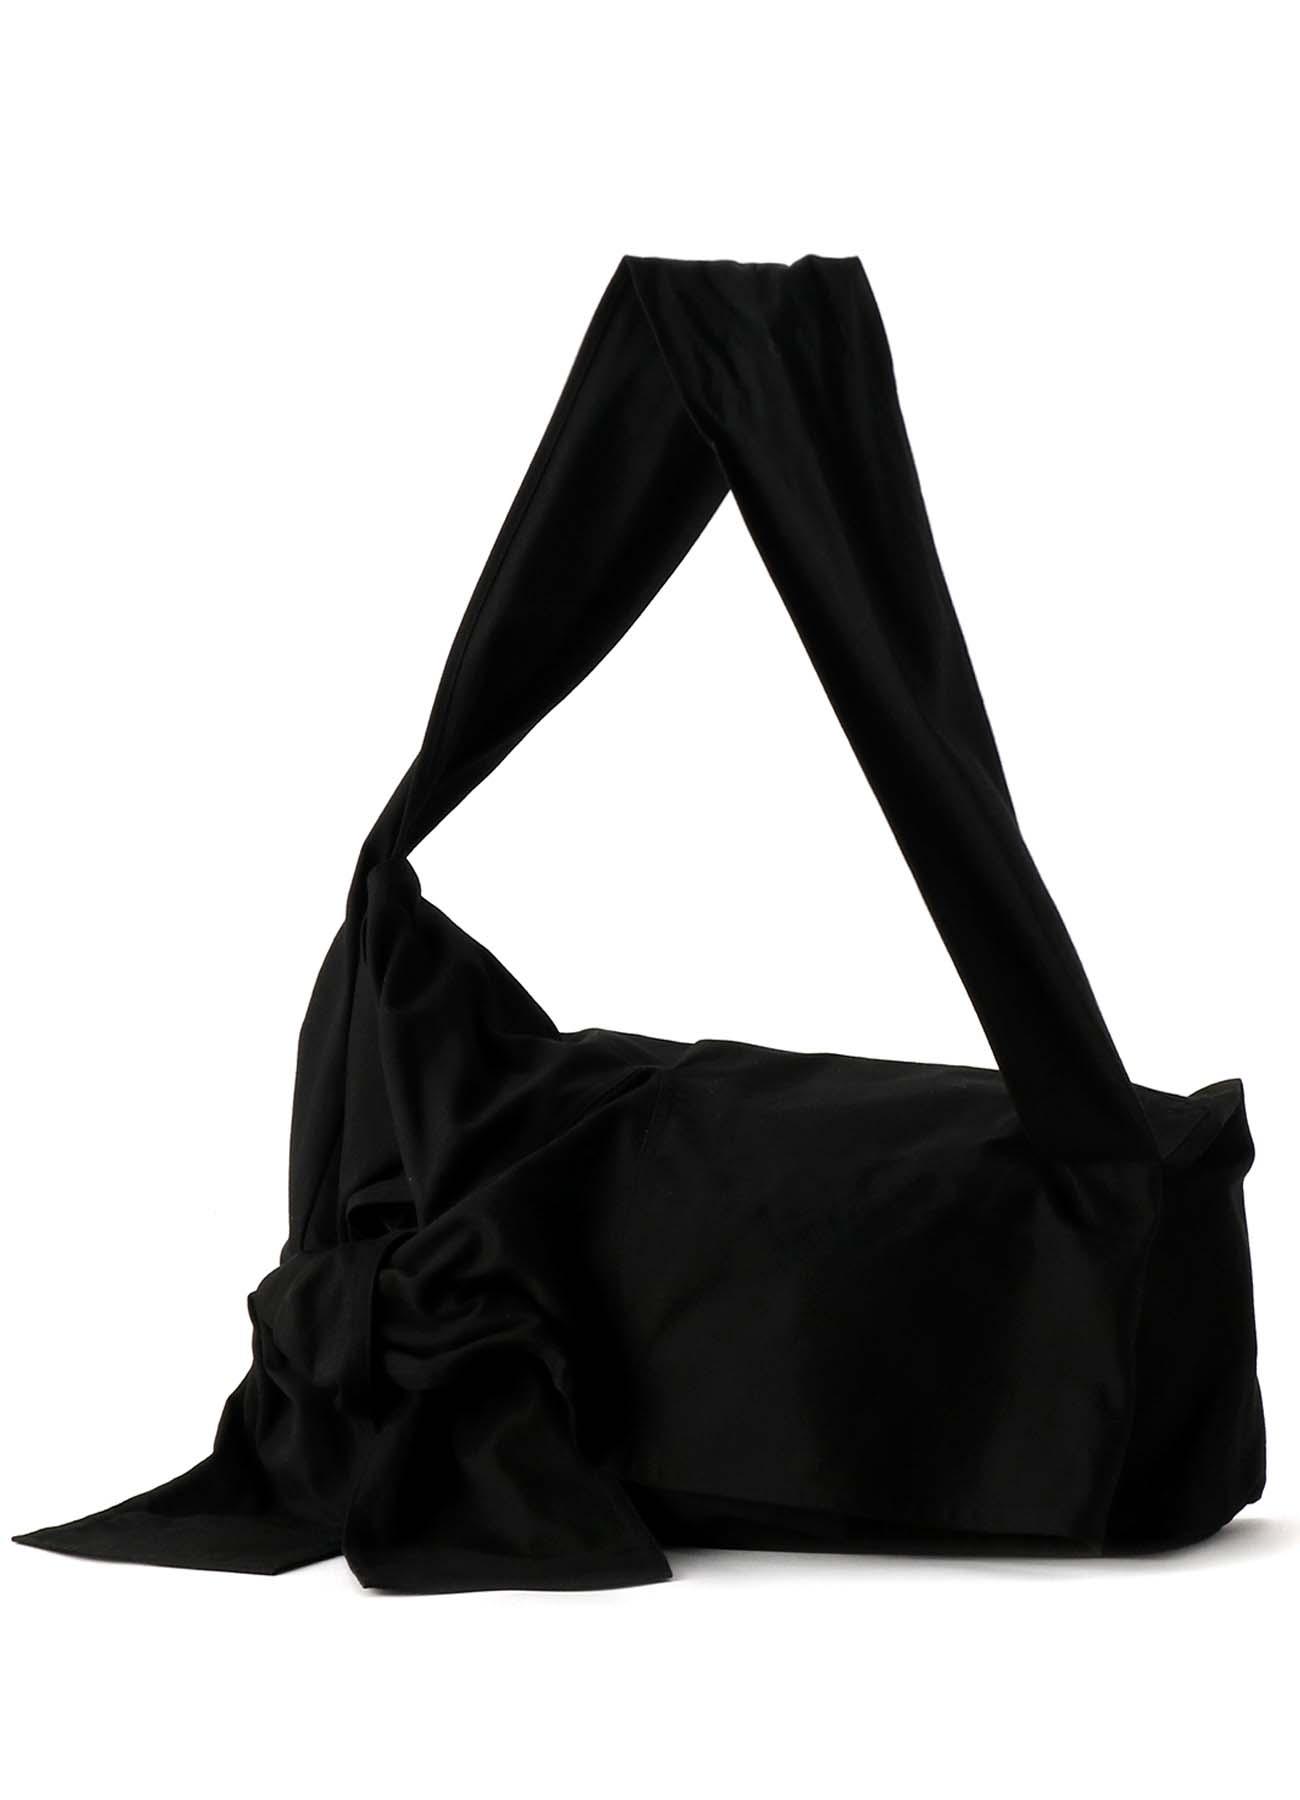 NO.11 CANVAS TIED BAG